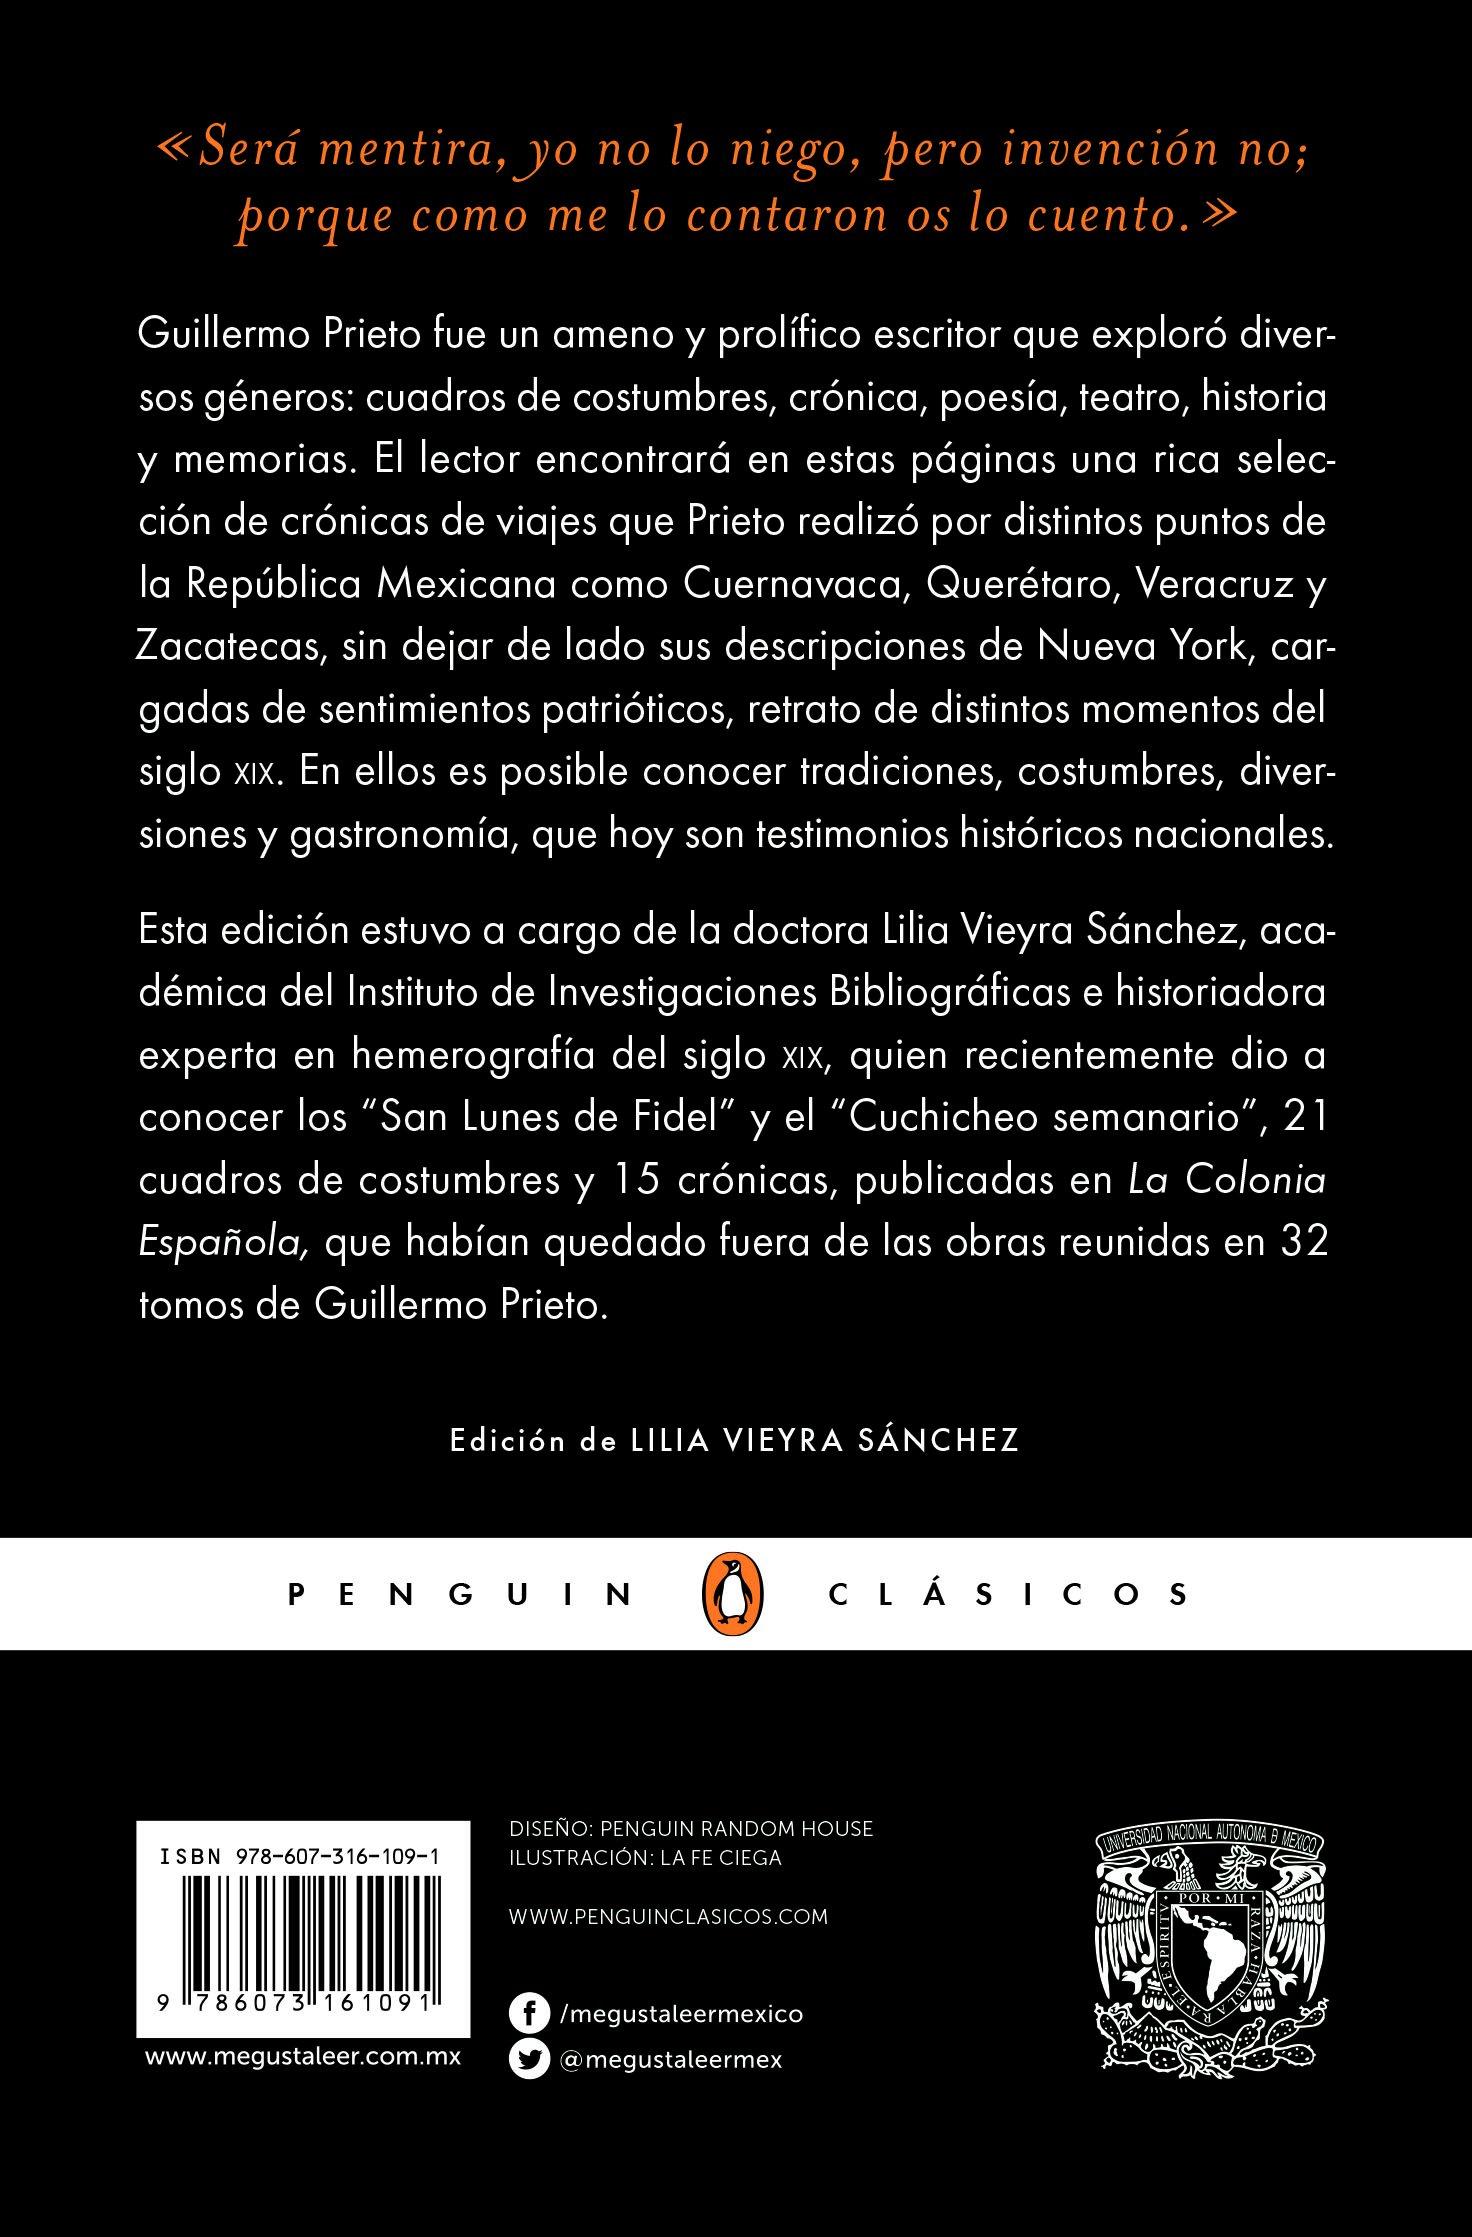 Vida cotidiana y cronicas viajeras: Guillermo Prieto: 9786073161091: Amazon.com: Books